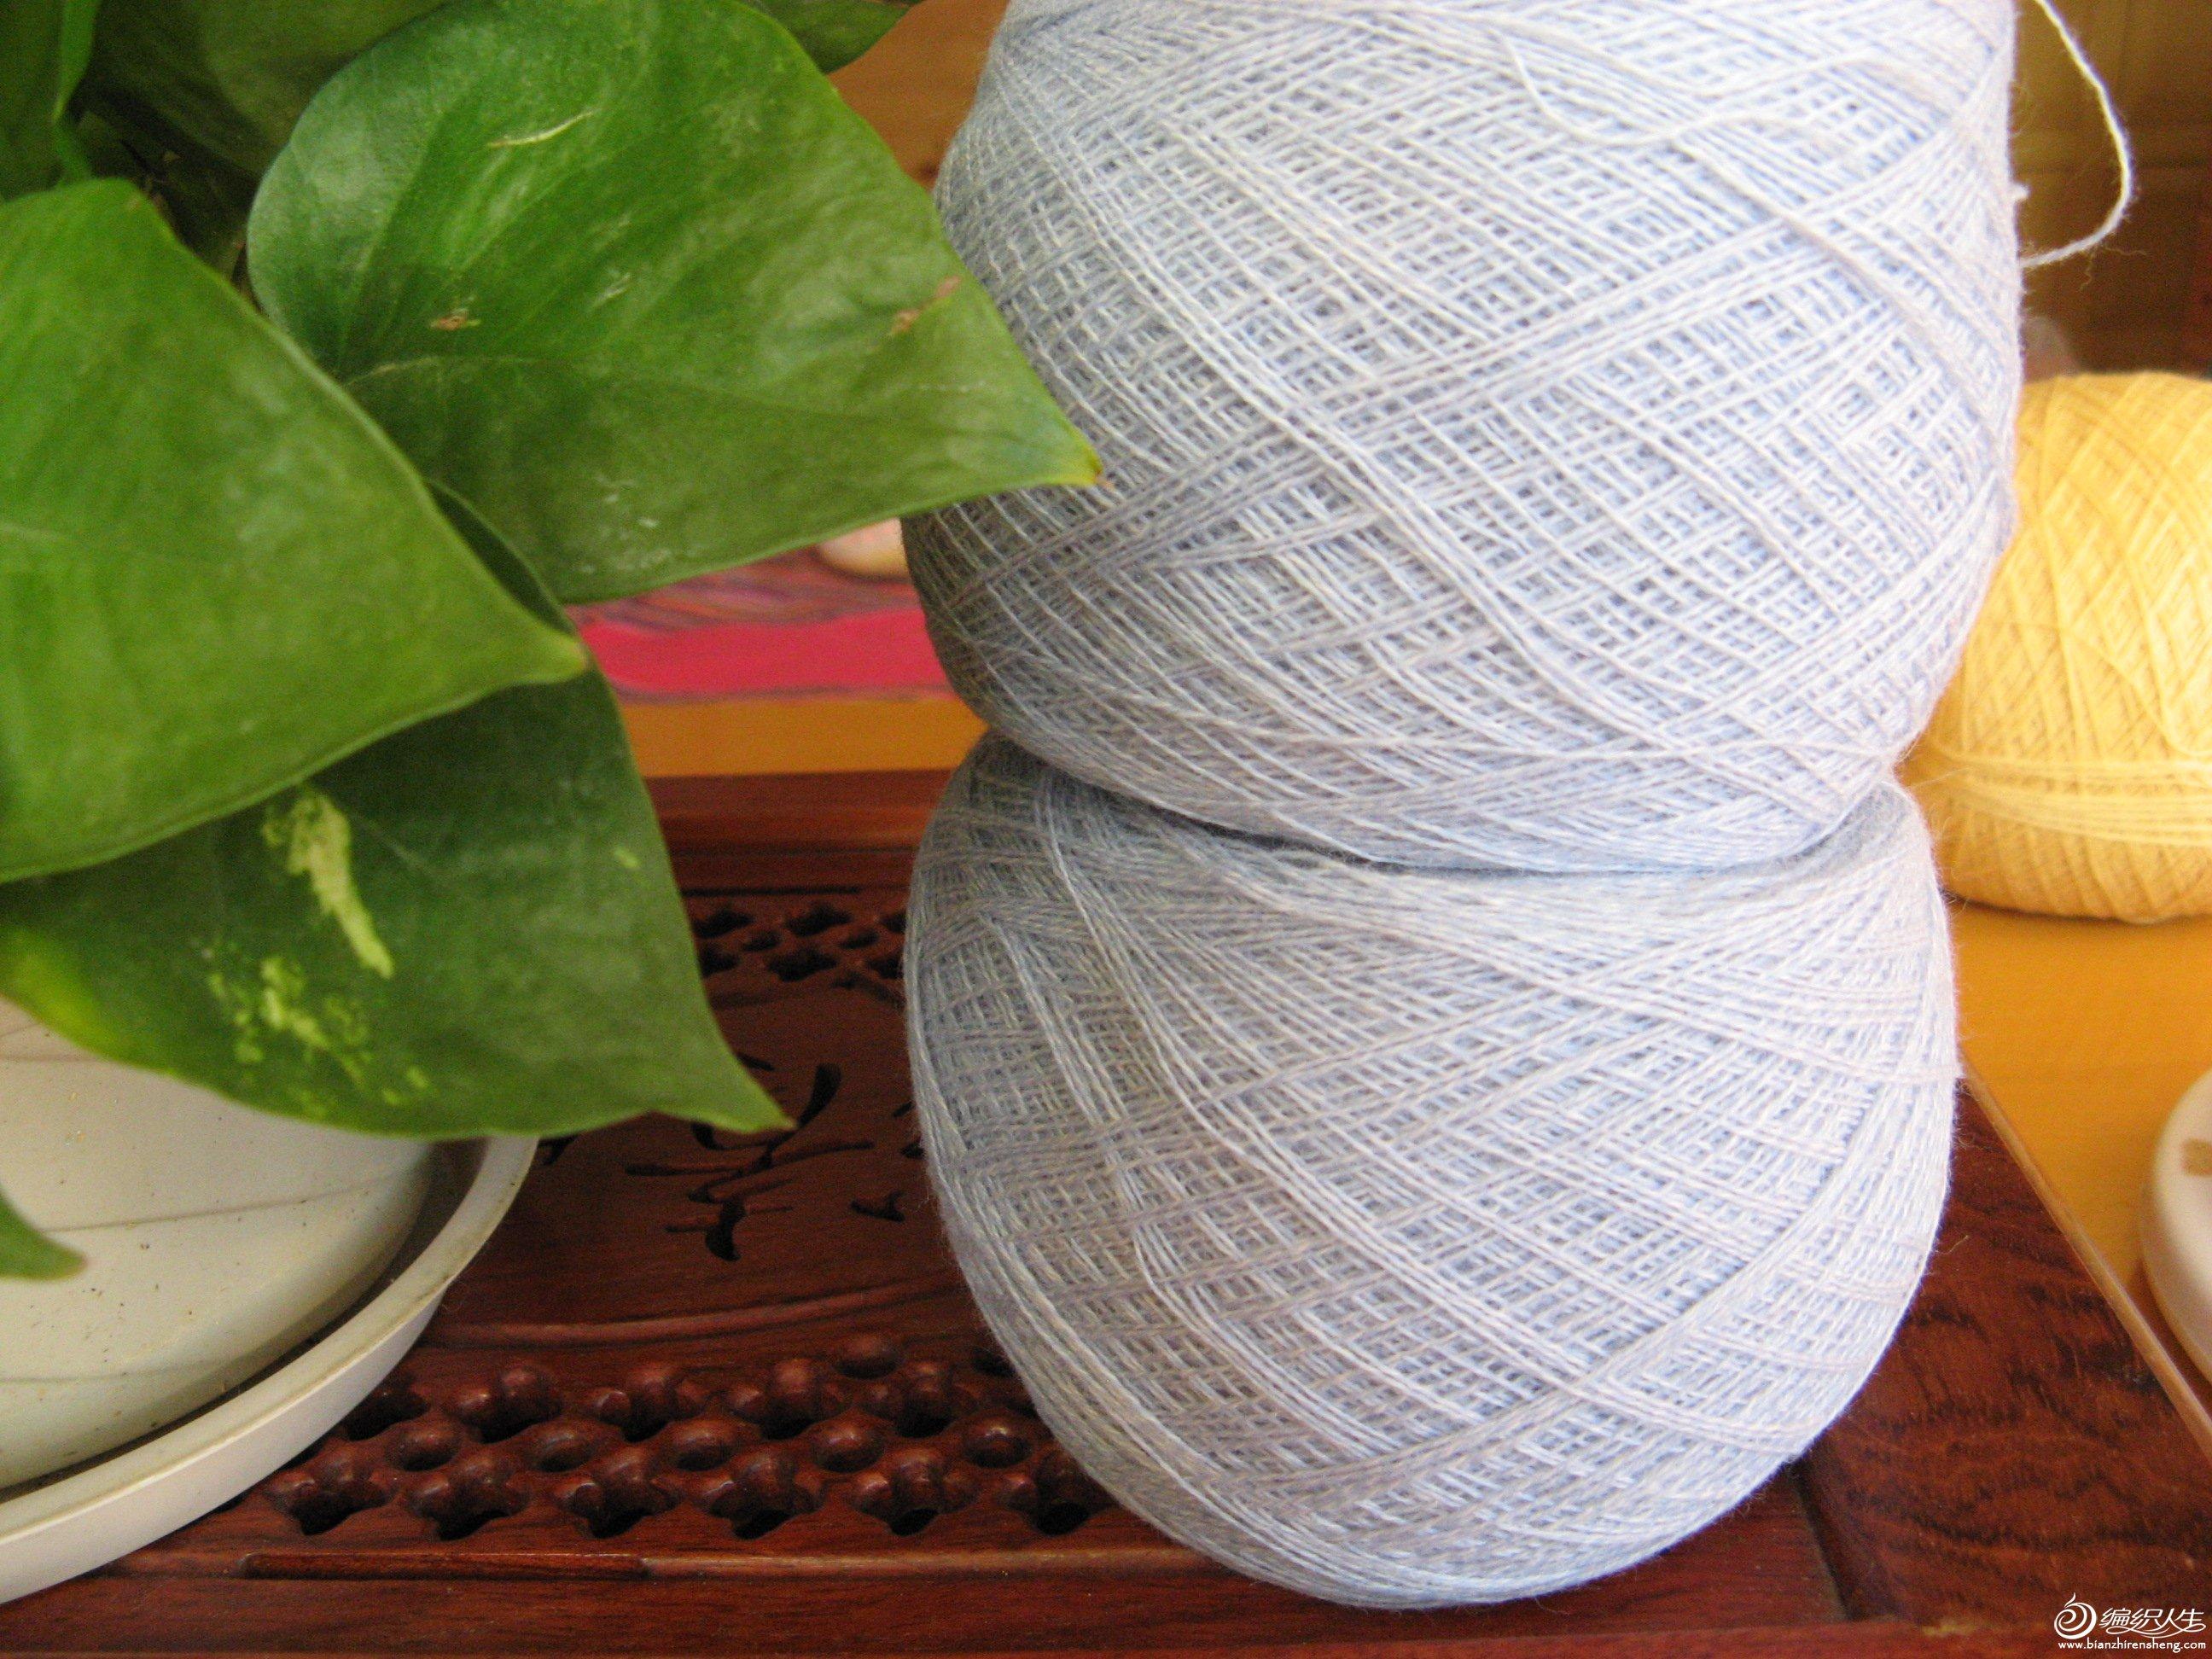 大蔷薇家驼绒浅蓝加白(实物颜色是很干净透亮的蓝色,图片拍浅了),582g,58元